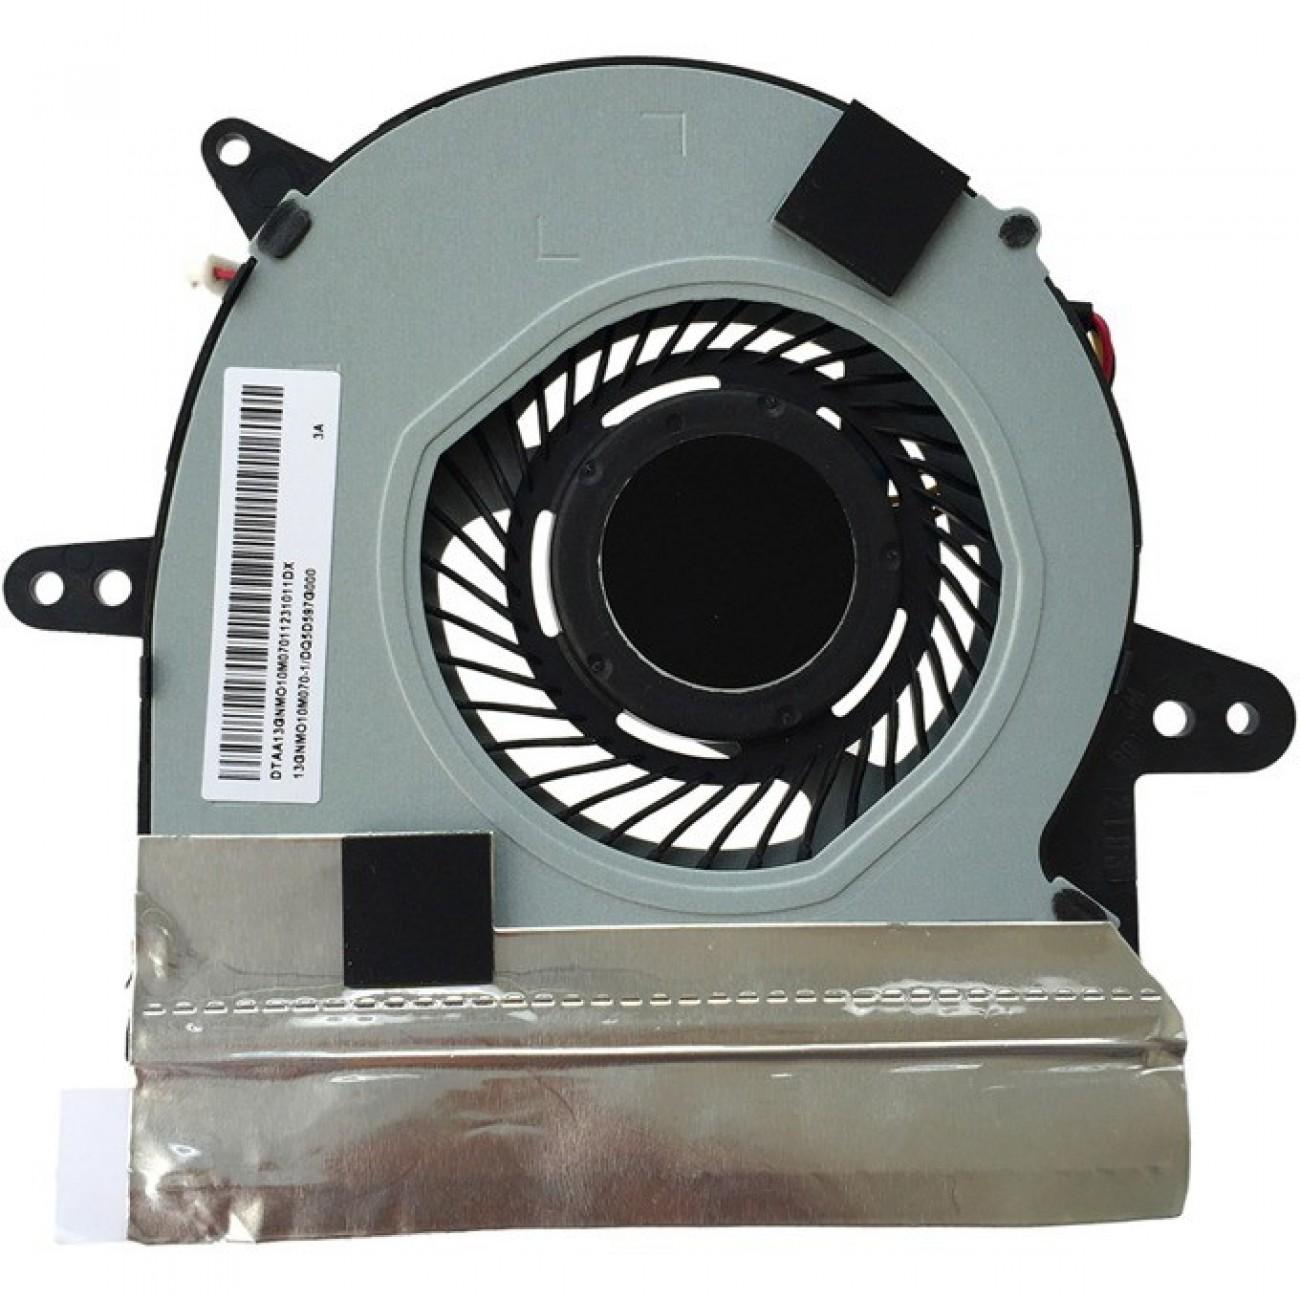 Вентилатор за лаптоп, ASUS X401U, X501U в Резервни части -  | Alleop